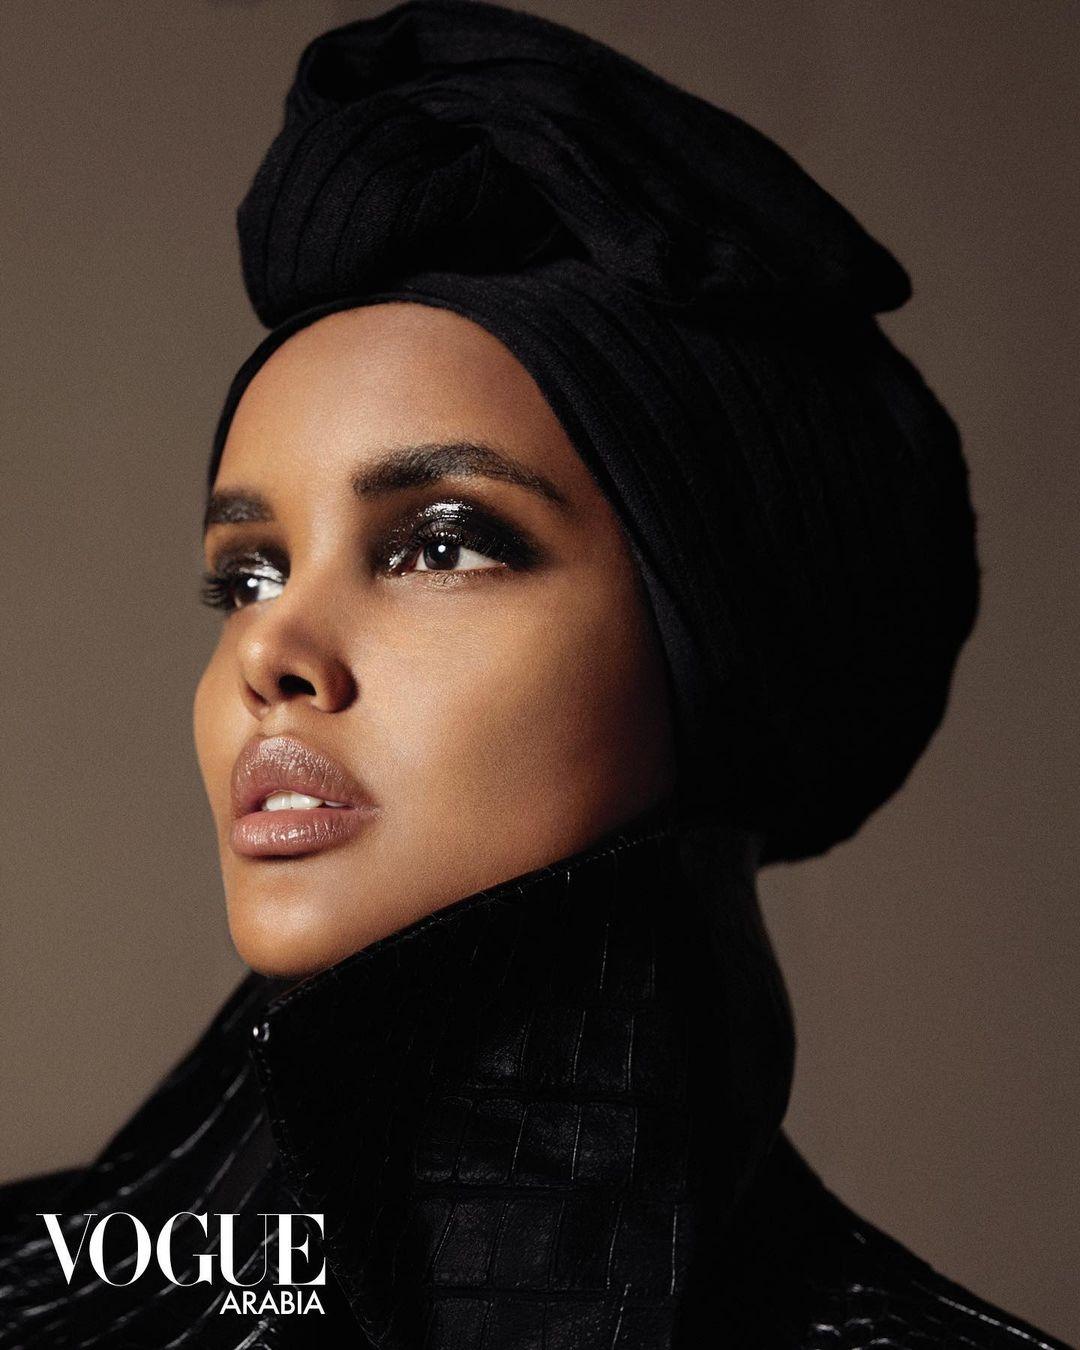 Мусульманская модель Халима Аден завершает карьеру из-за религиозных убеждений - фото №3